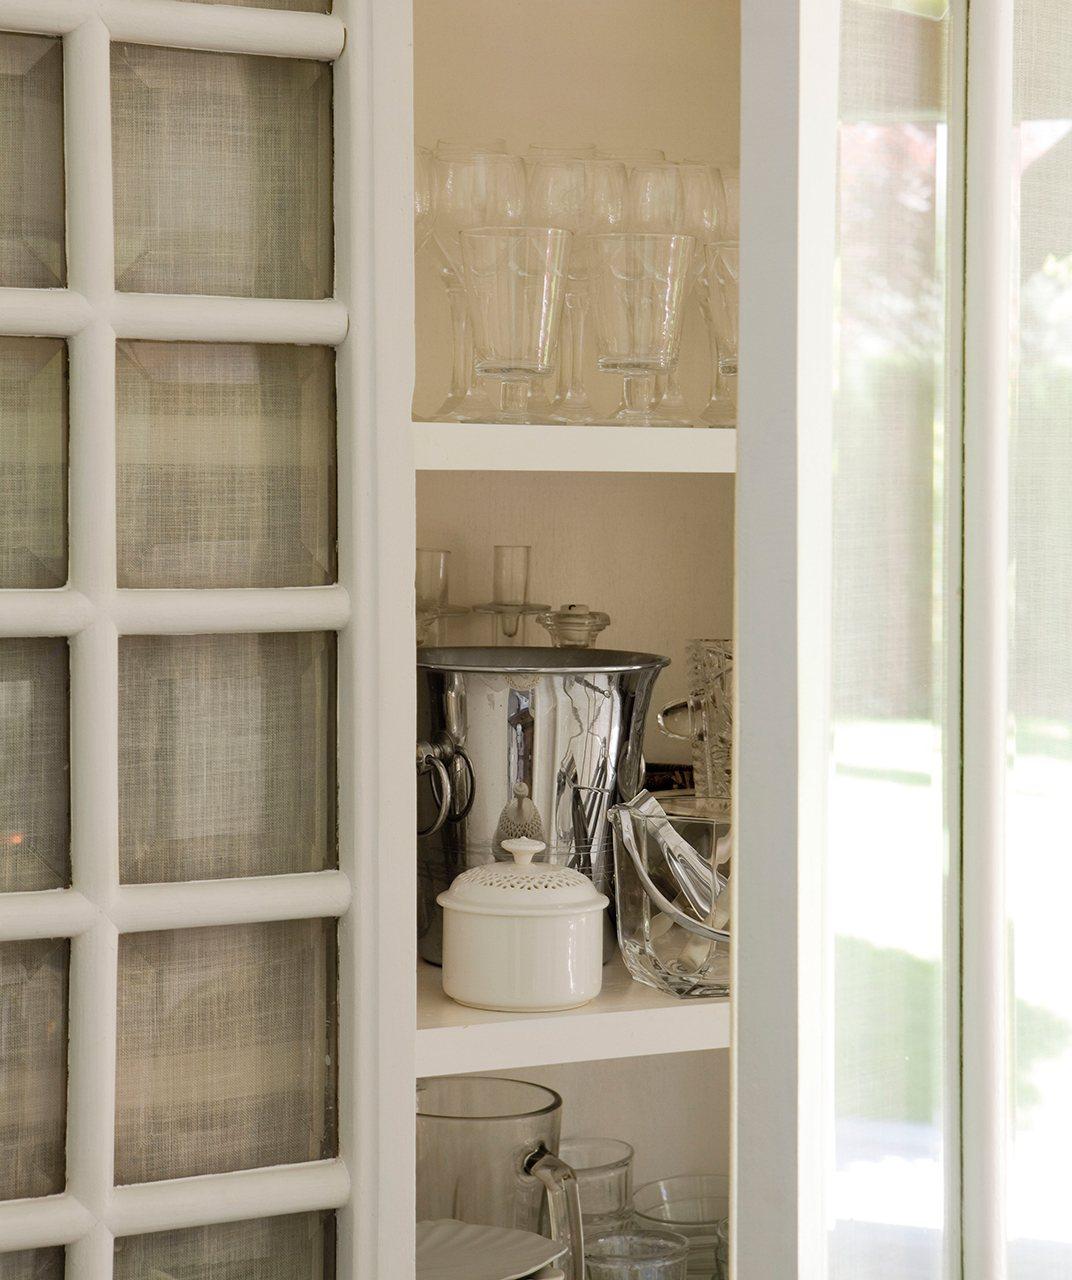 Estanterias con puertas de cristal estanteria bao ue bao for Estanterias con puertas ikea